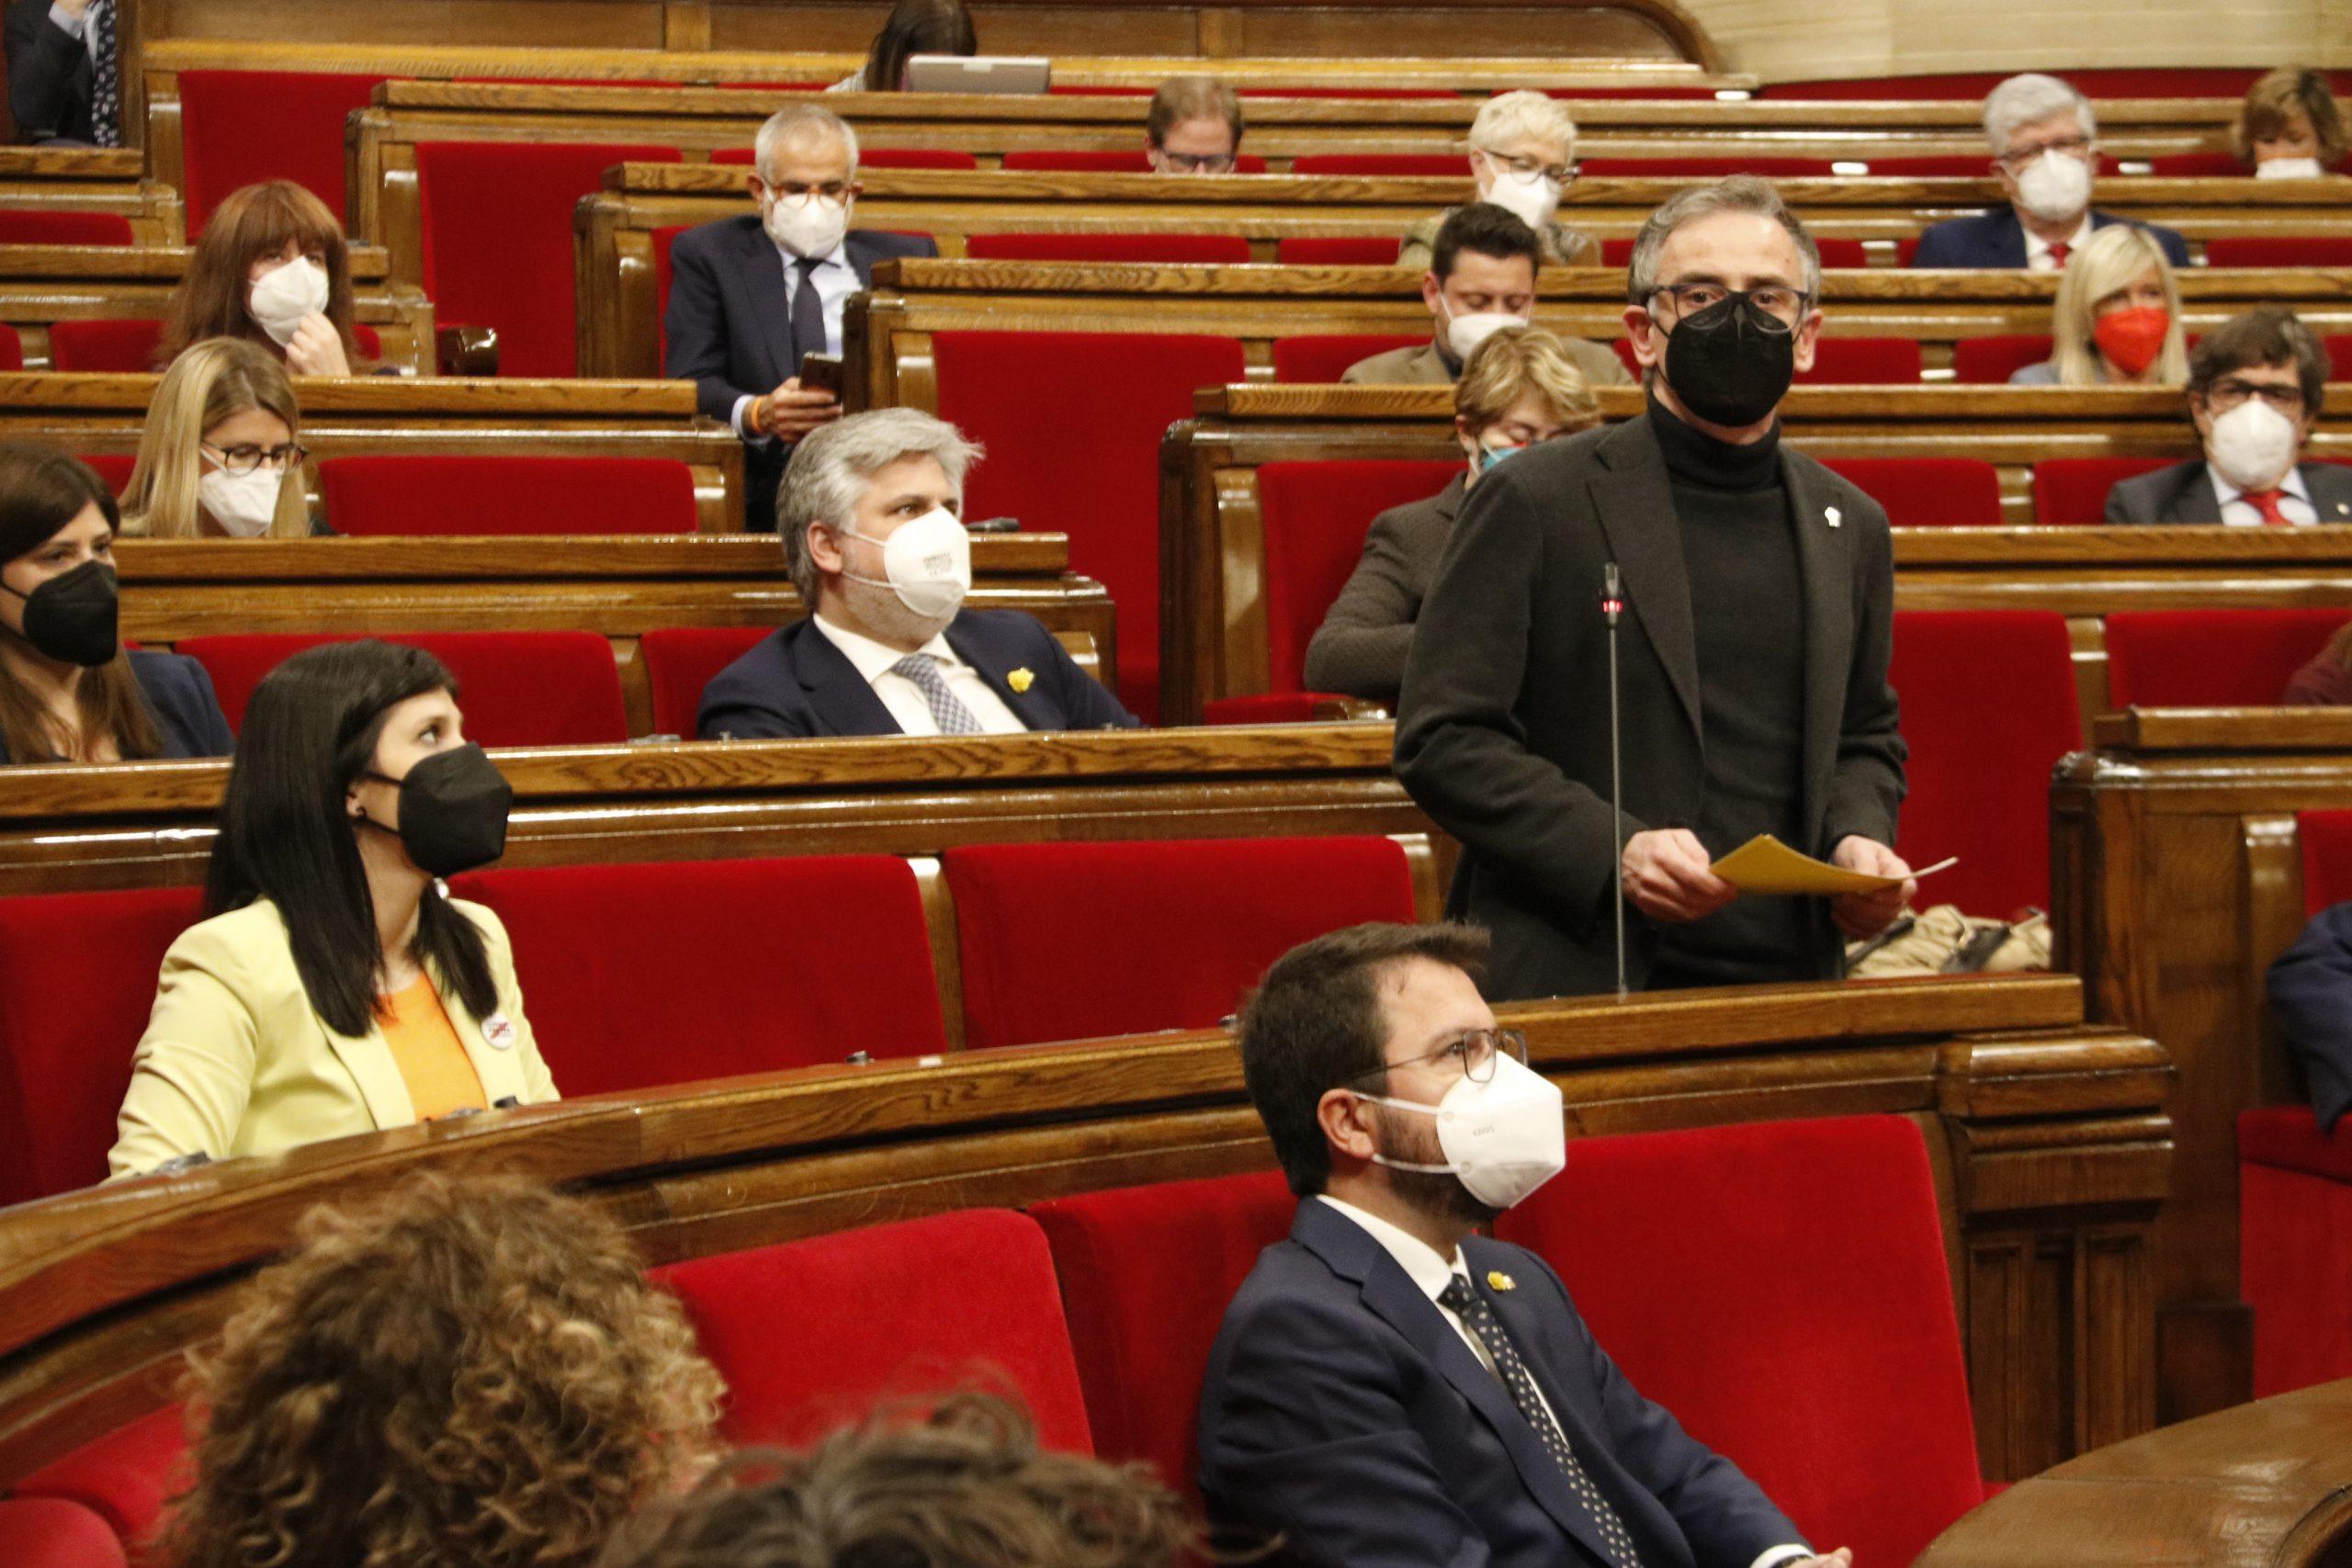 Pla general del president d'ERC al Parlament, Josep Maria Jové, intervenint a la sessió de control del ple el 29 d'abril del 2021 (horitzontal)